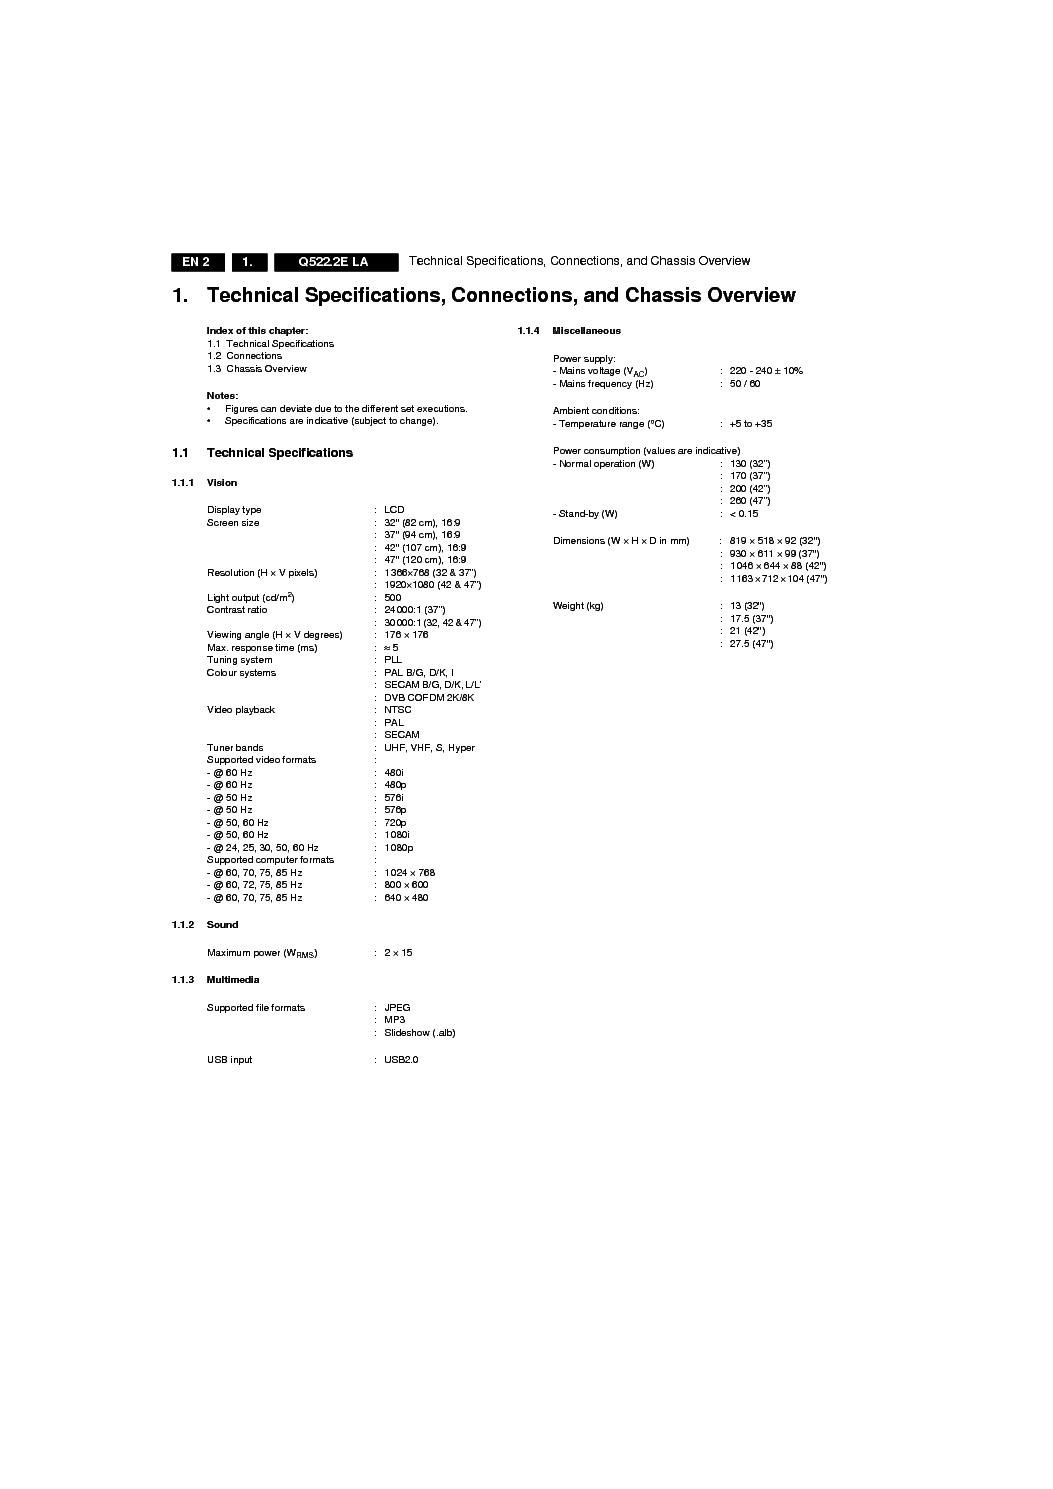 PHILIPS CHASSIS Q522 2E LA Service Manual download